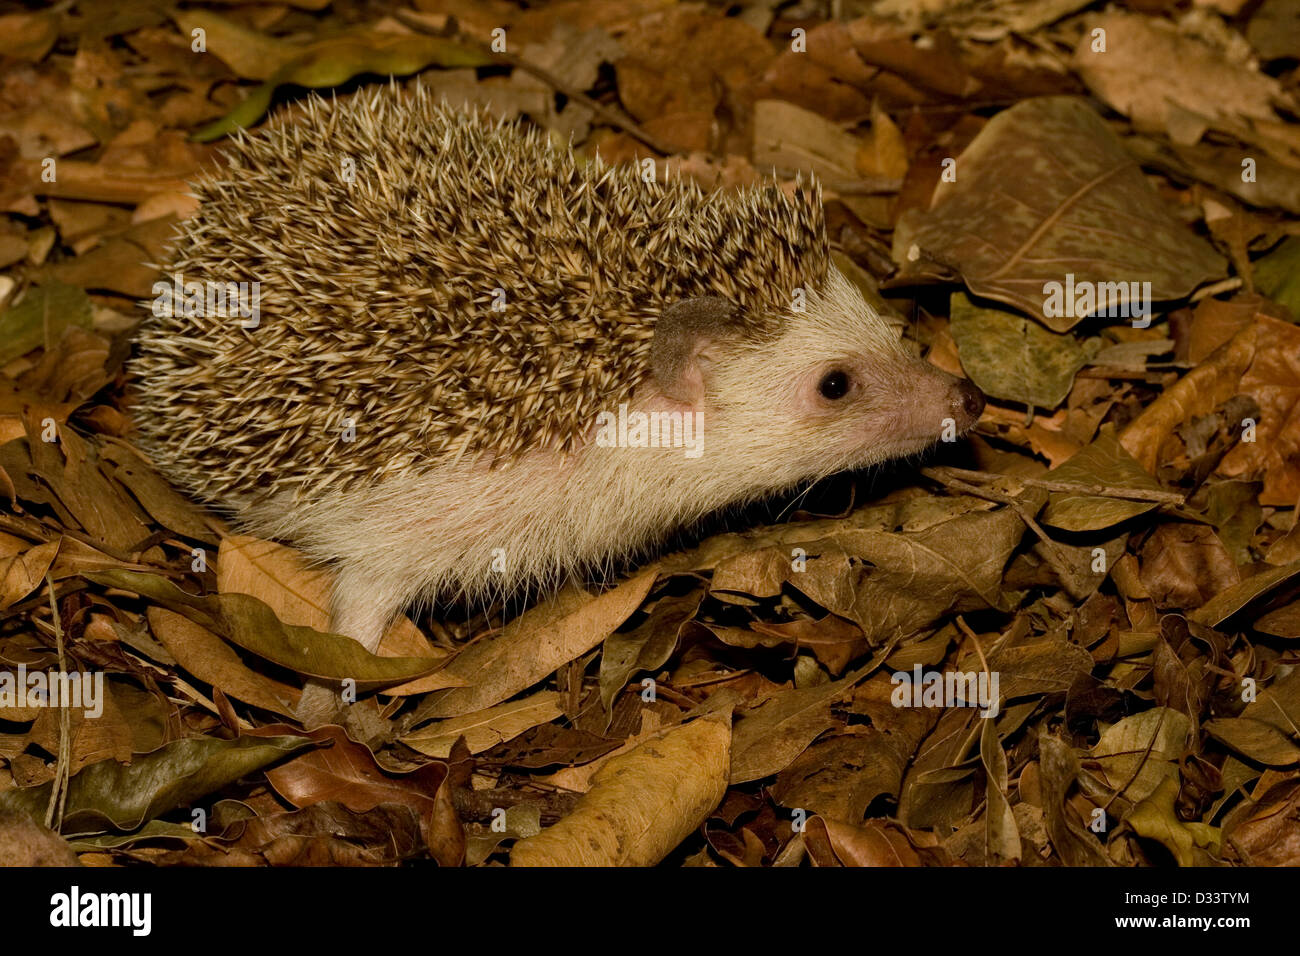 A Hedgehog foraging in leaf litter - Stock Image